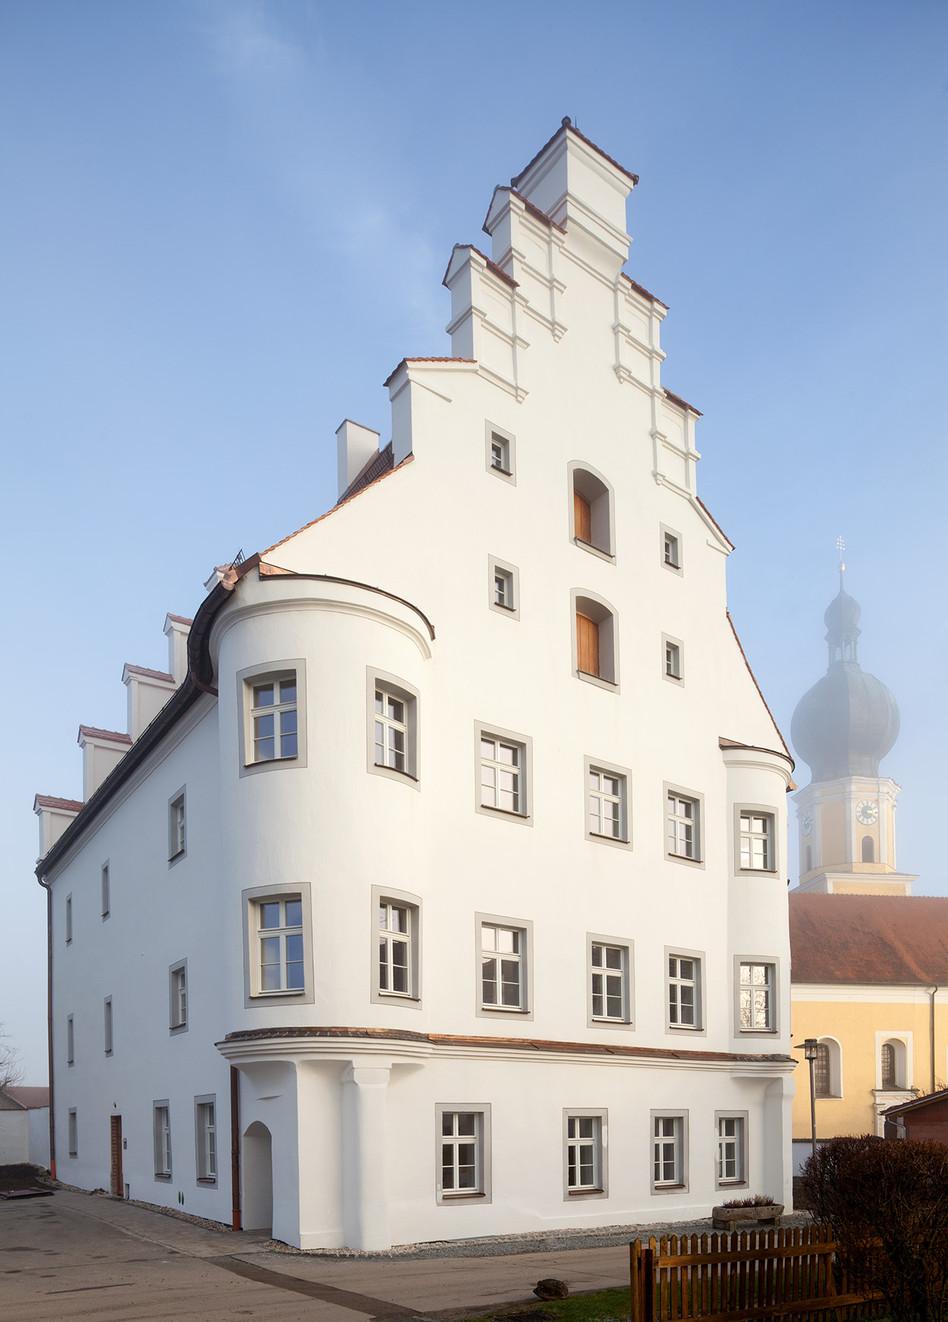 Renaissanceschloss, Büro für Denkmalpflege und Architektur Monika Dietrich